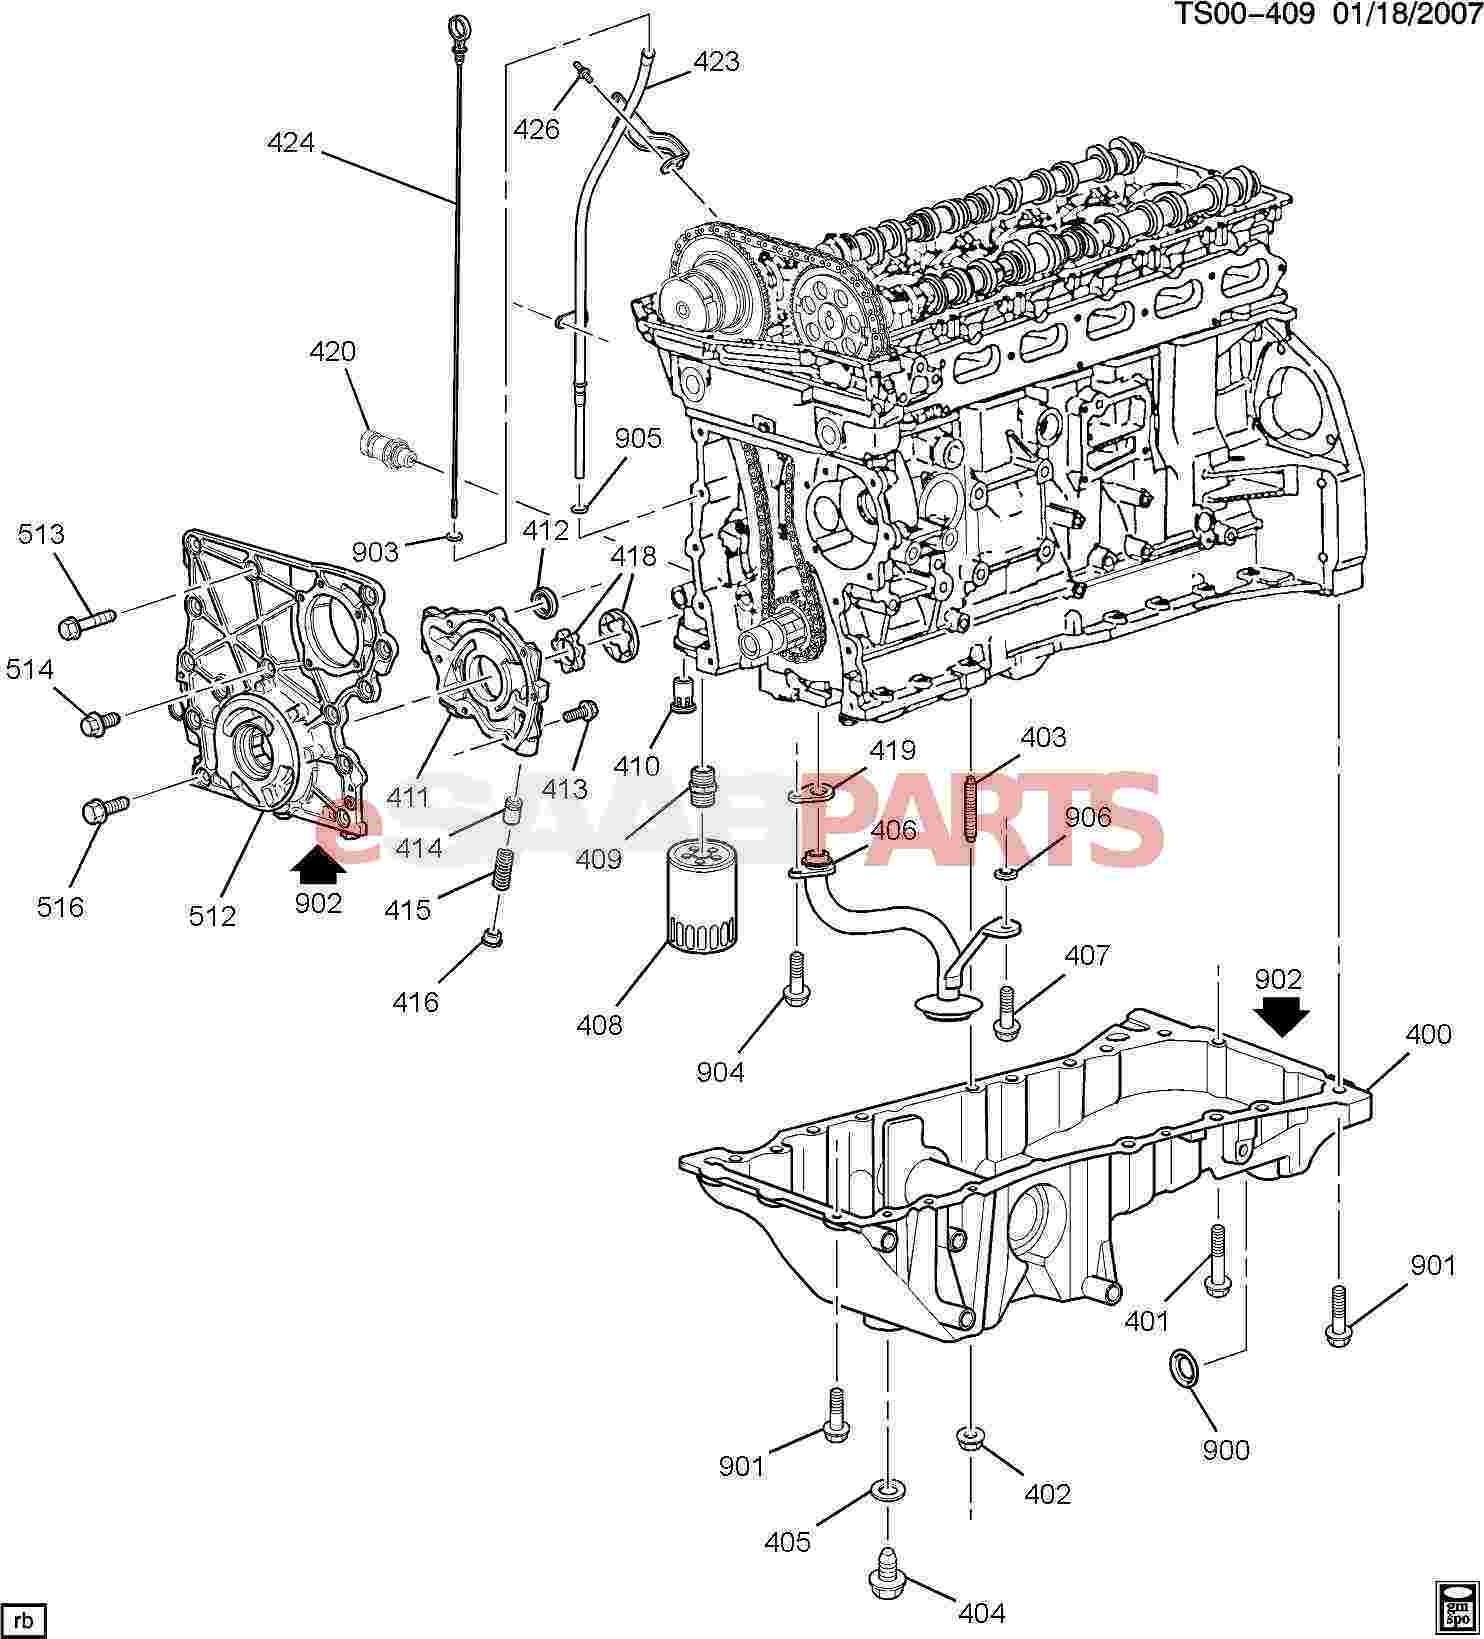 Saab 9 5 Engine Diagram 2 Esaabparts Saab 9 7x Engine Parts Engine Internal 4 2s Of Saab 9 5 Engine Diagram 2